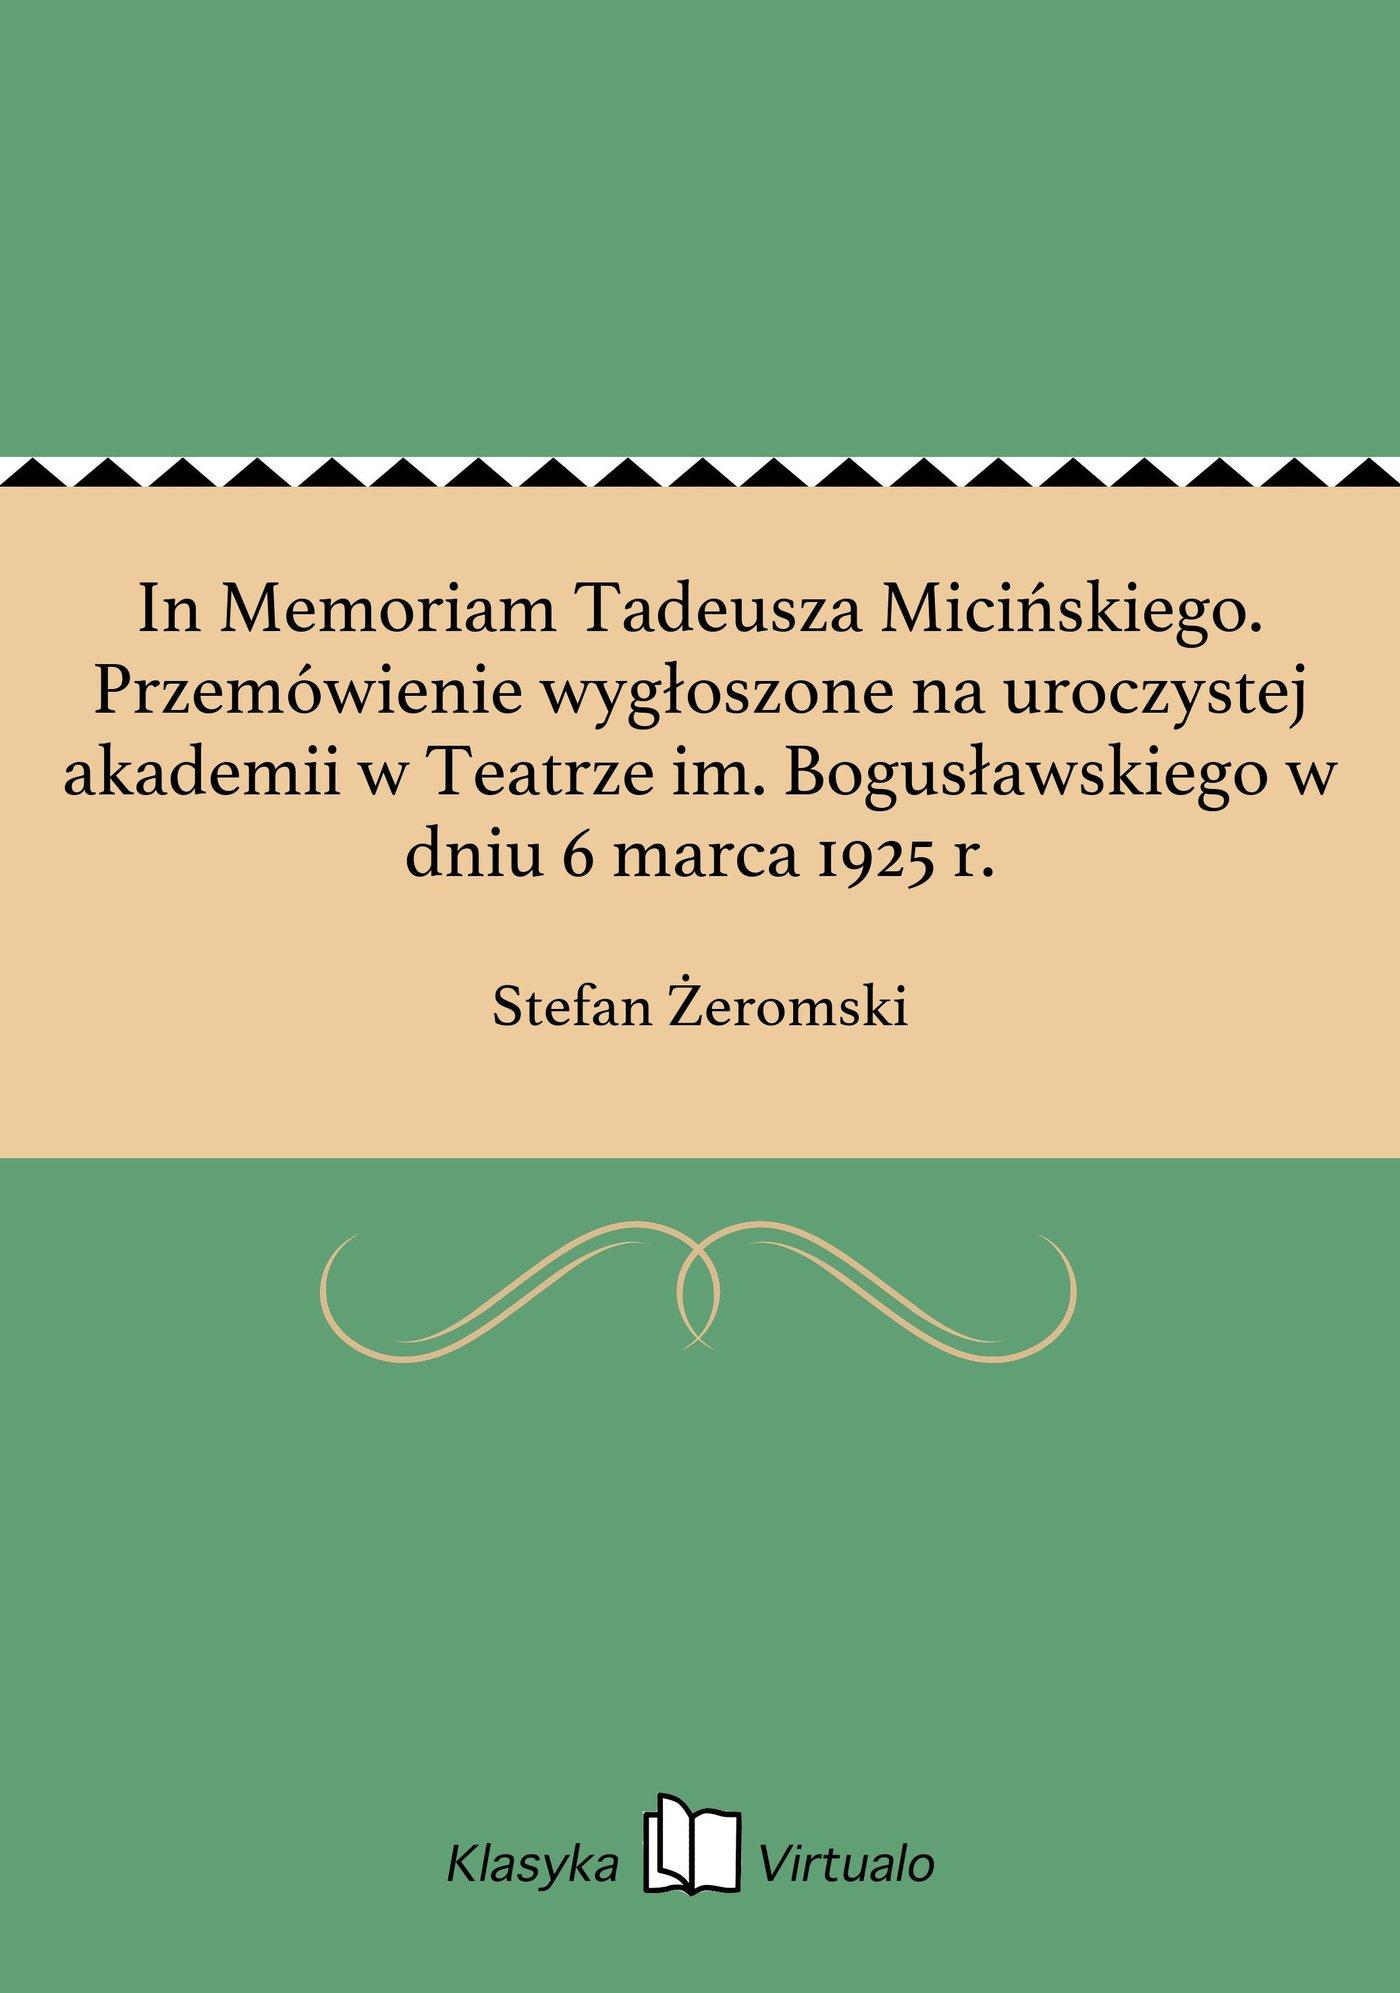 In Memoriam Tadeusza Micińskiego. Przemówienie wygłoszone na uroczystej akademii w Teatrze im. Bogusławskiego w dniu 6 marca 1925 r. - Ebook (Książka EPUB) do pobrania w formacie EPUB